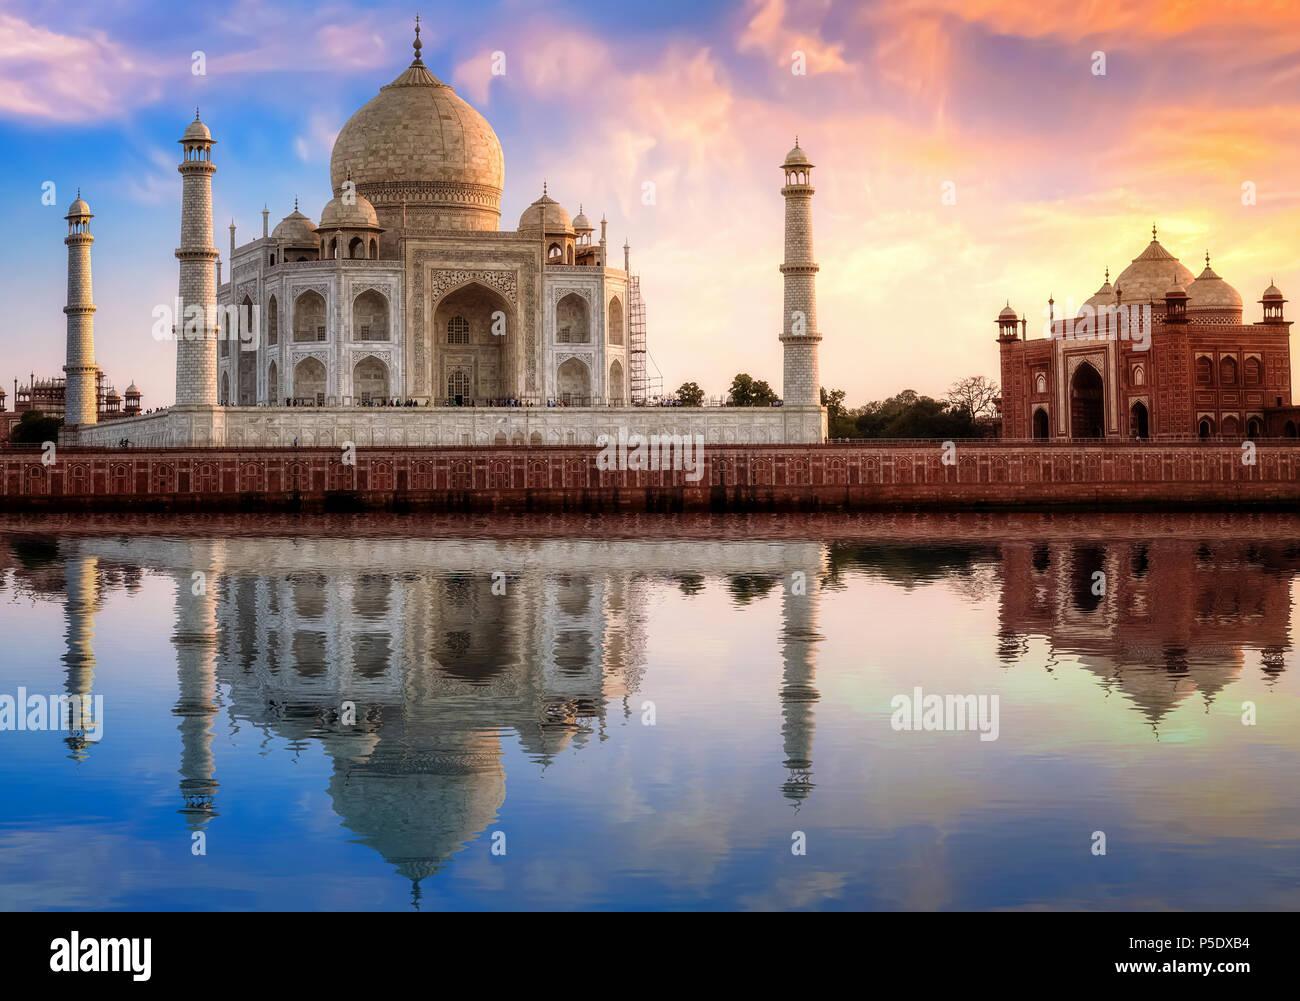 Taj Mahal Agra India con porta est al tramonto con moody sky. Immagini Stock